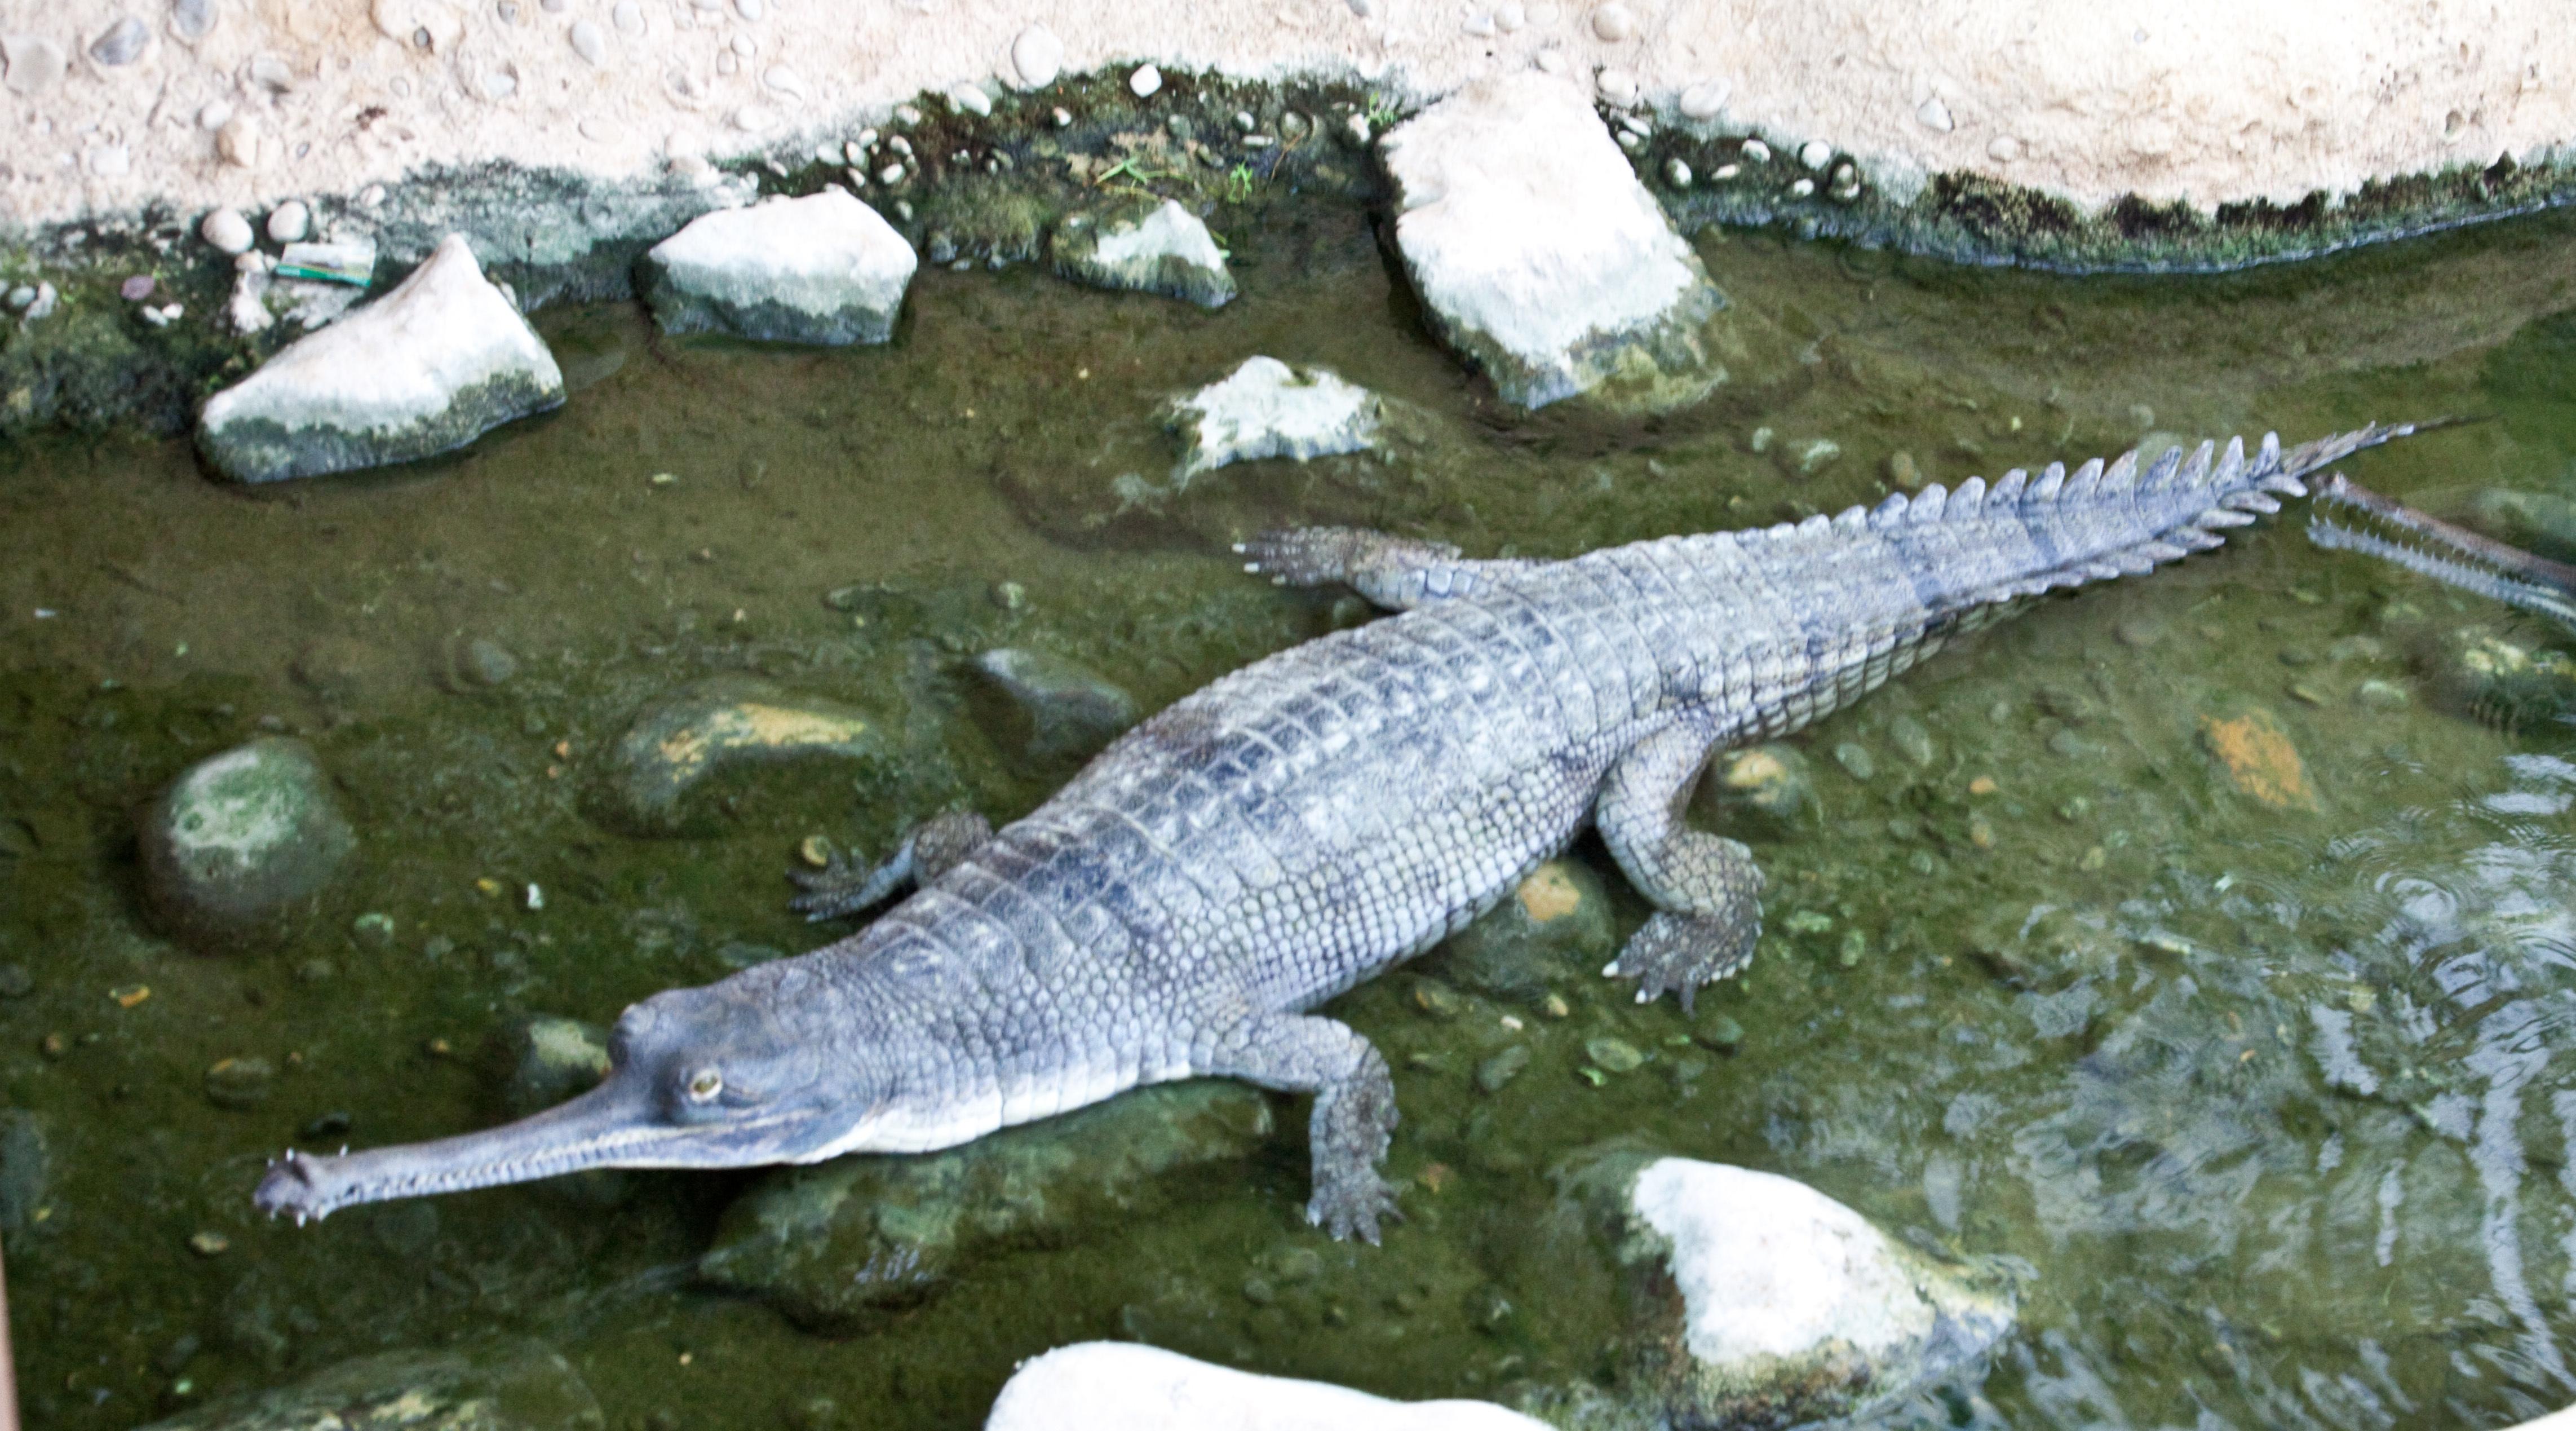 Image of Gharial